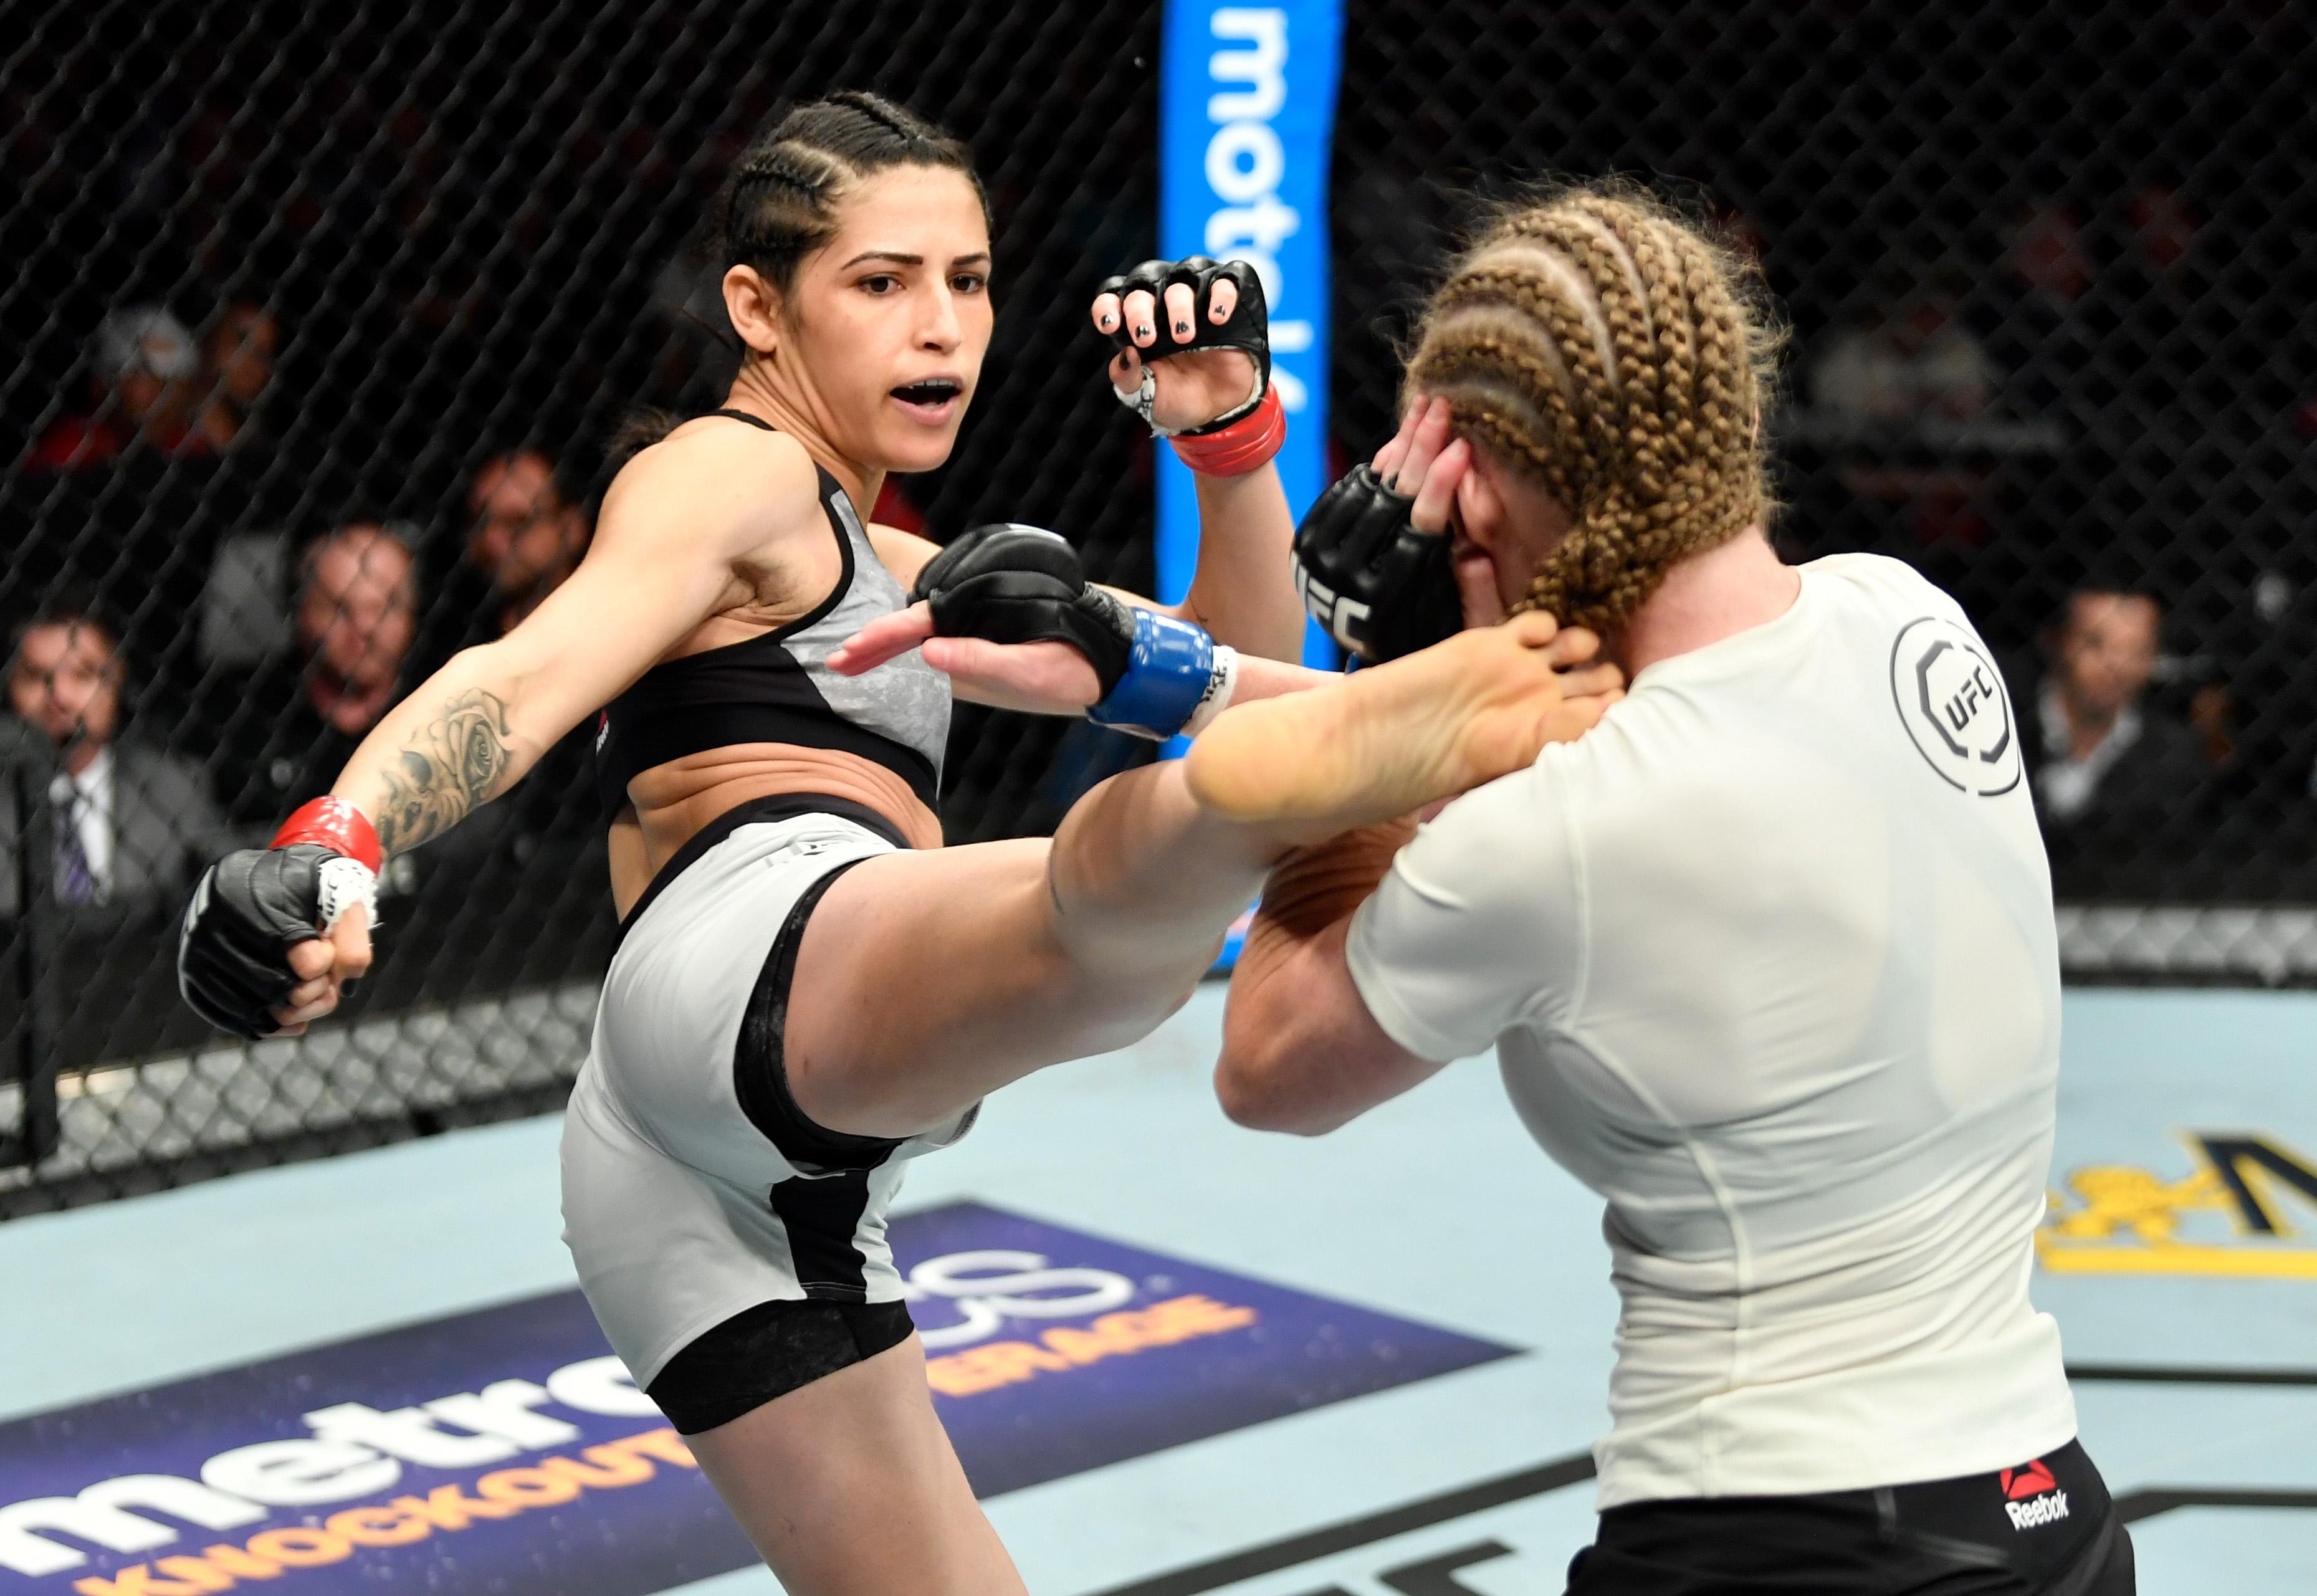 Polyana Viana was beaten by JJ Aldrich in her last fight